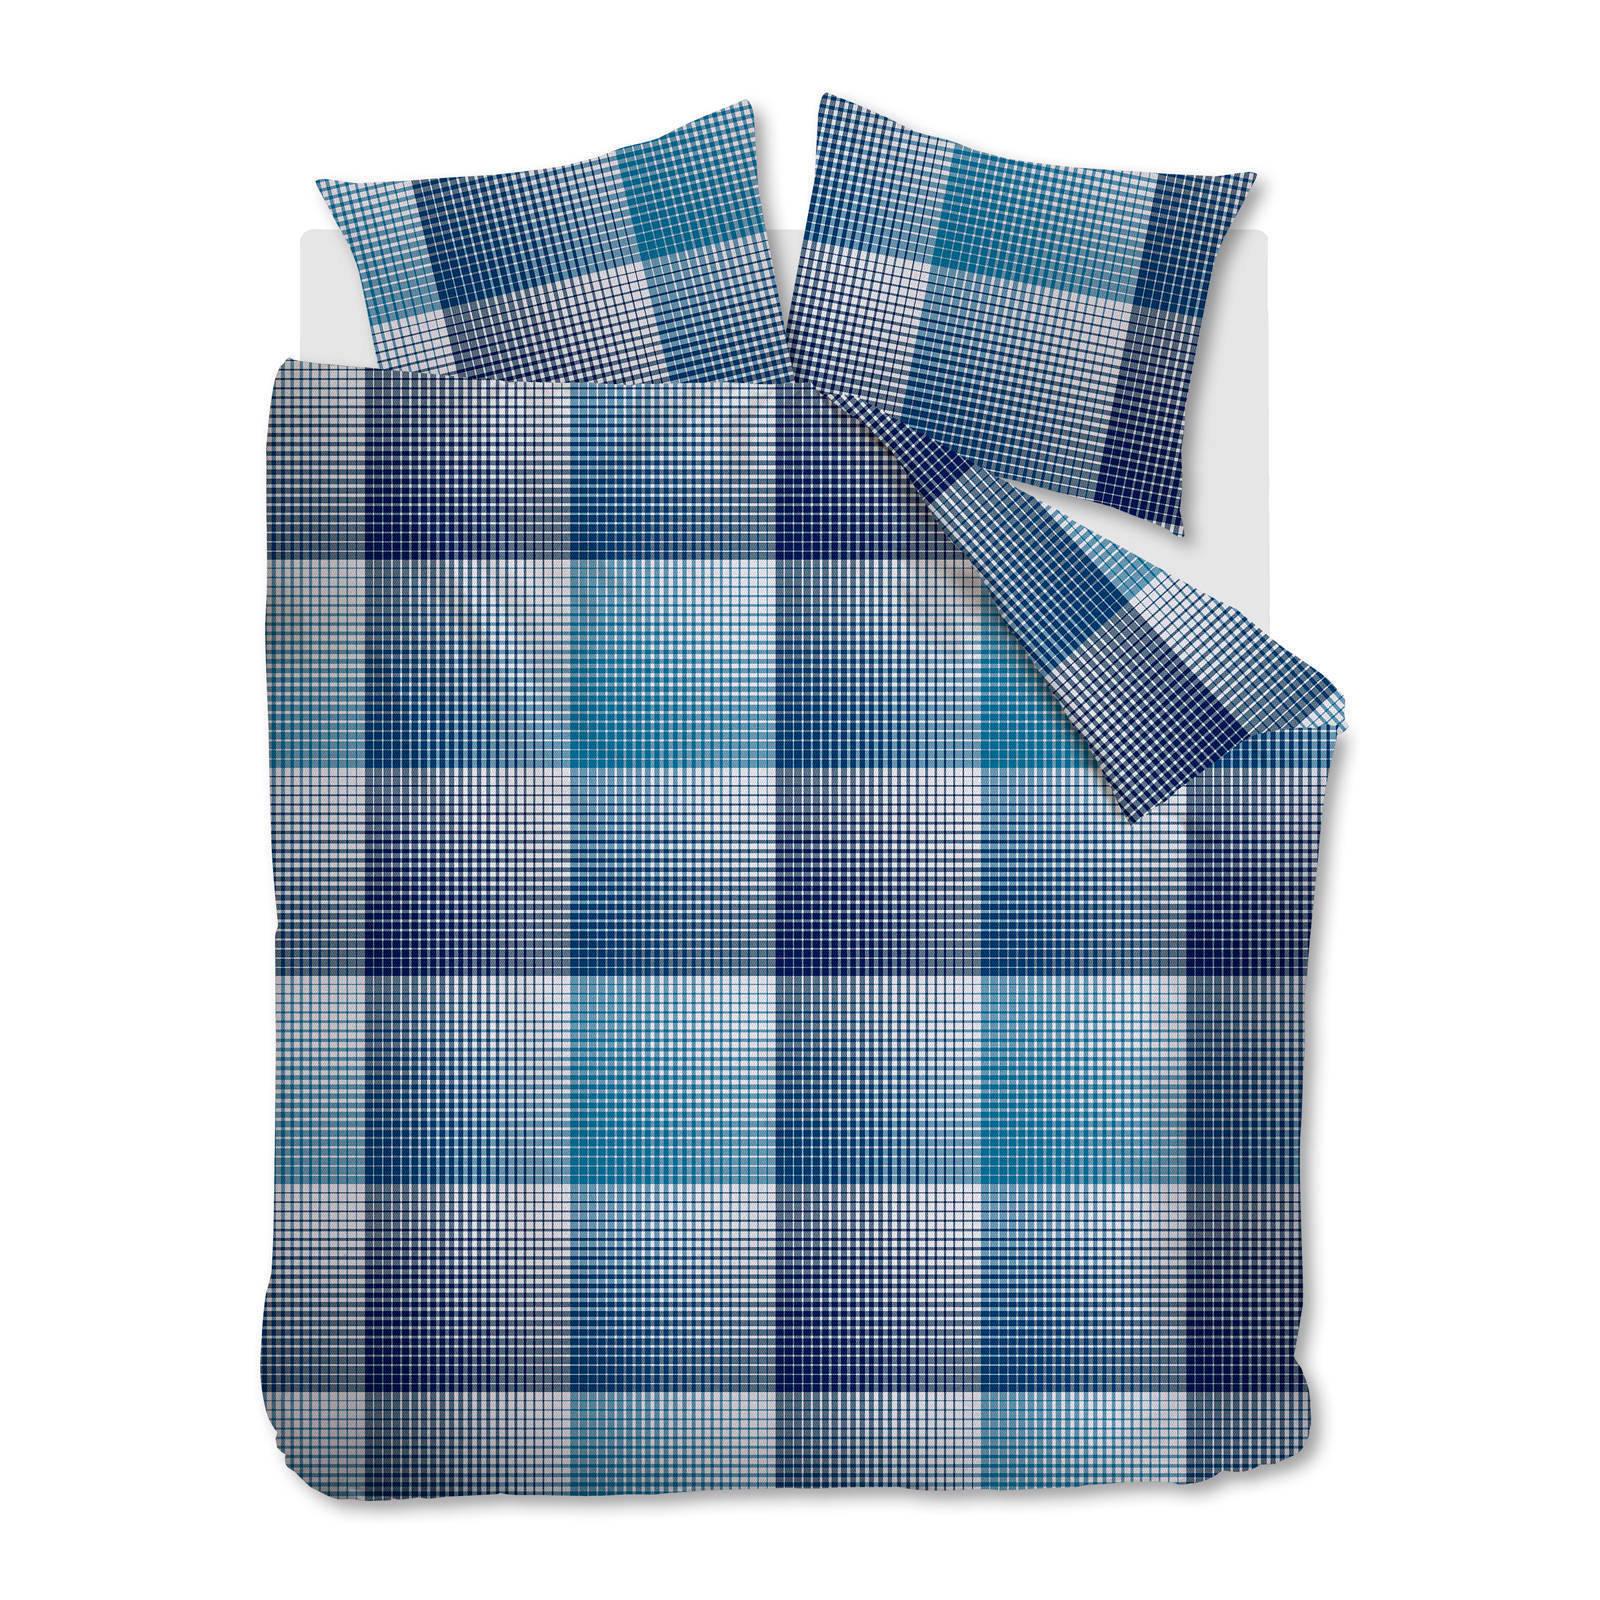 beddinghouse flanellen dekbedovertrek 2 persoons blauw